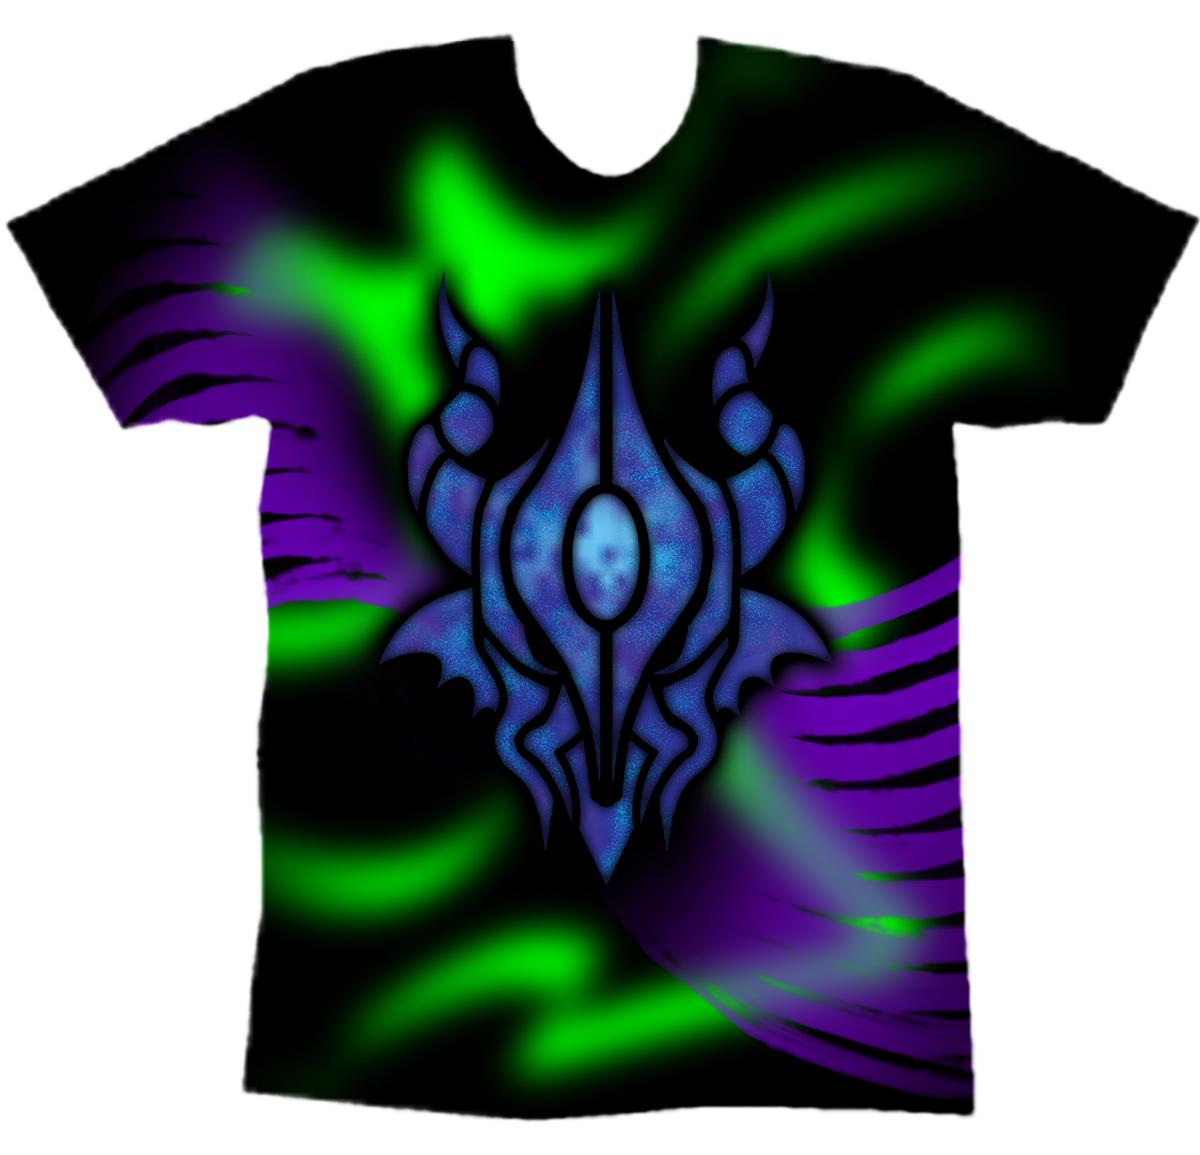 Dragon logo t shirt design by chameleon veil on deviantart for T shirt with own logo